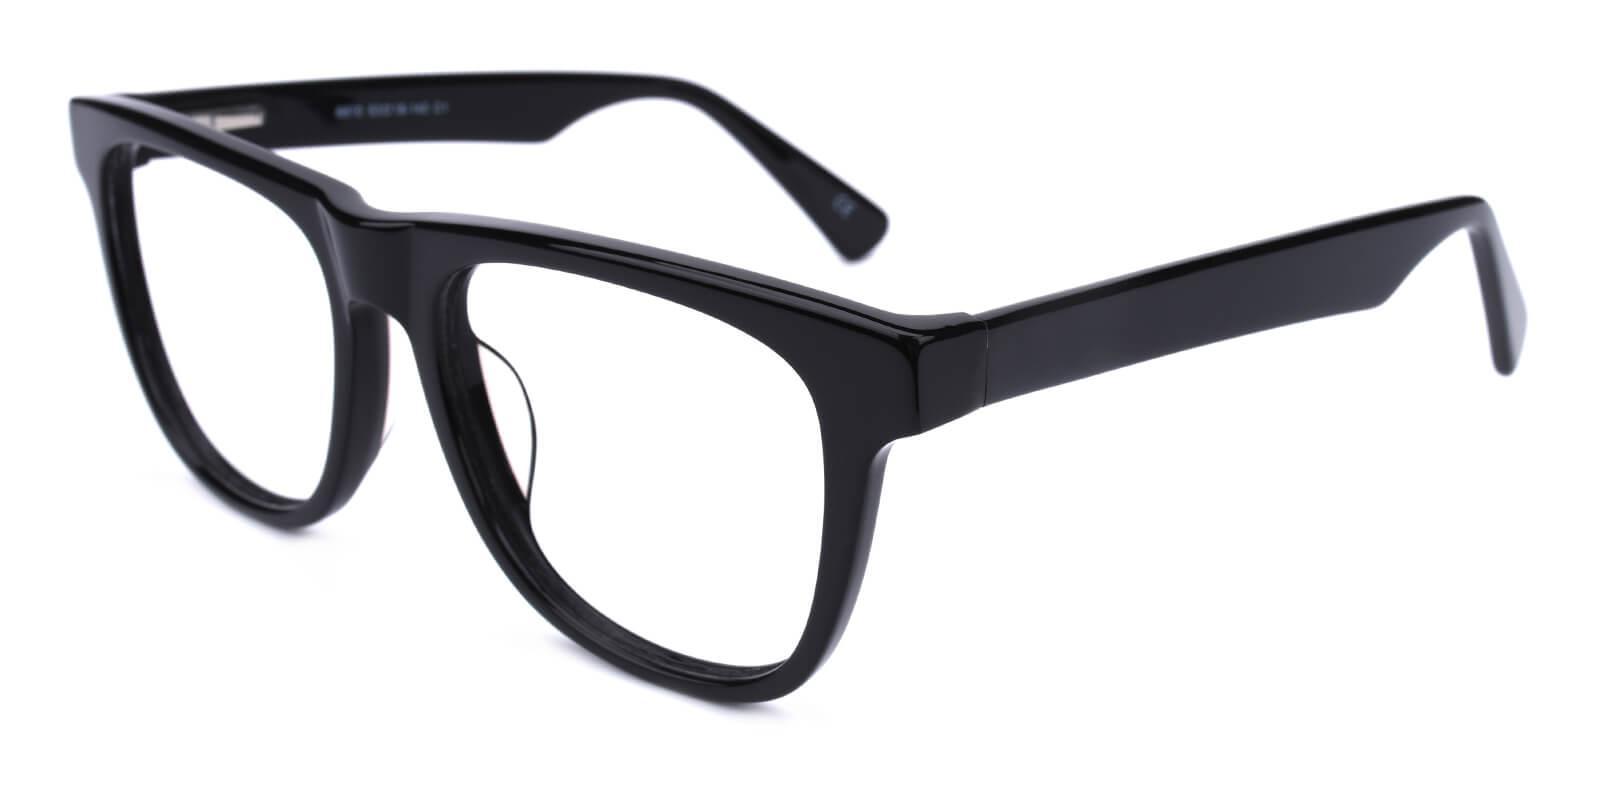 Masque-Black-Square-Acetate-Eyeglasses-additional1